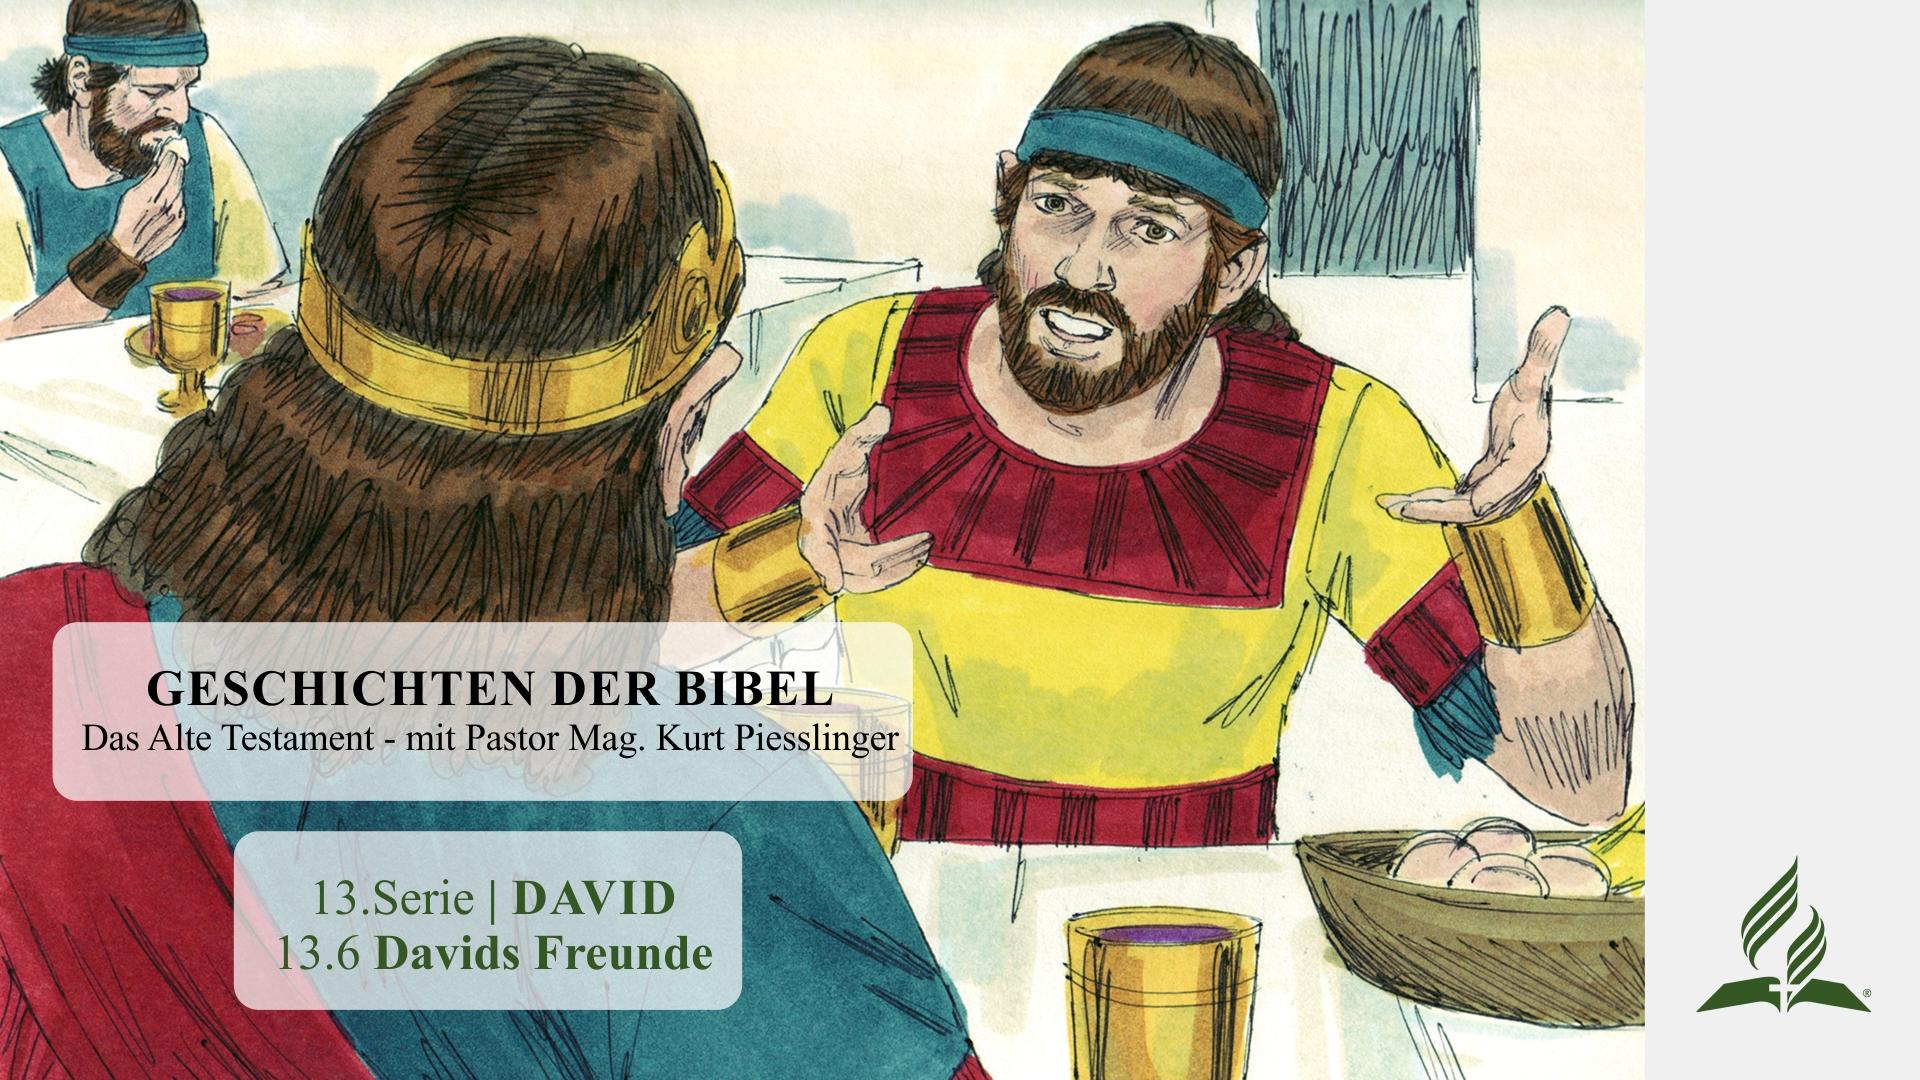 13.6 Davids Freunde x